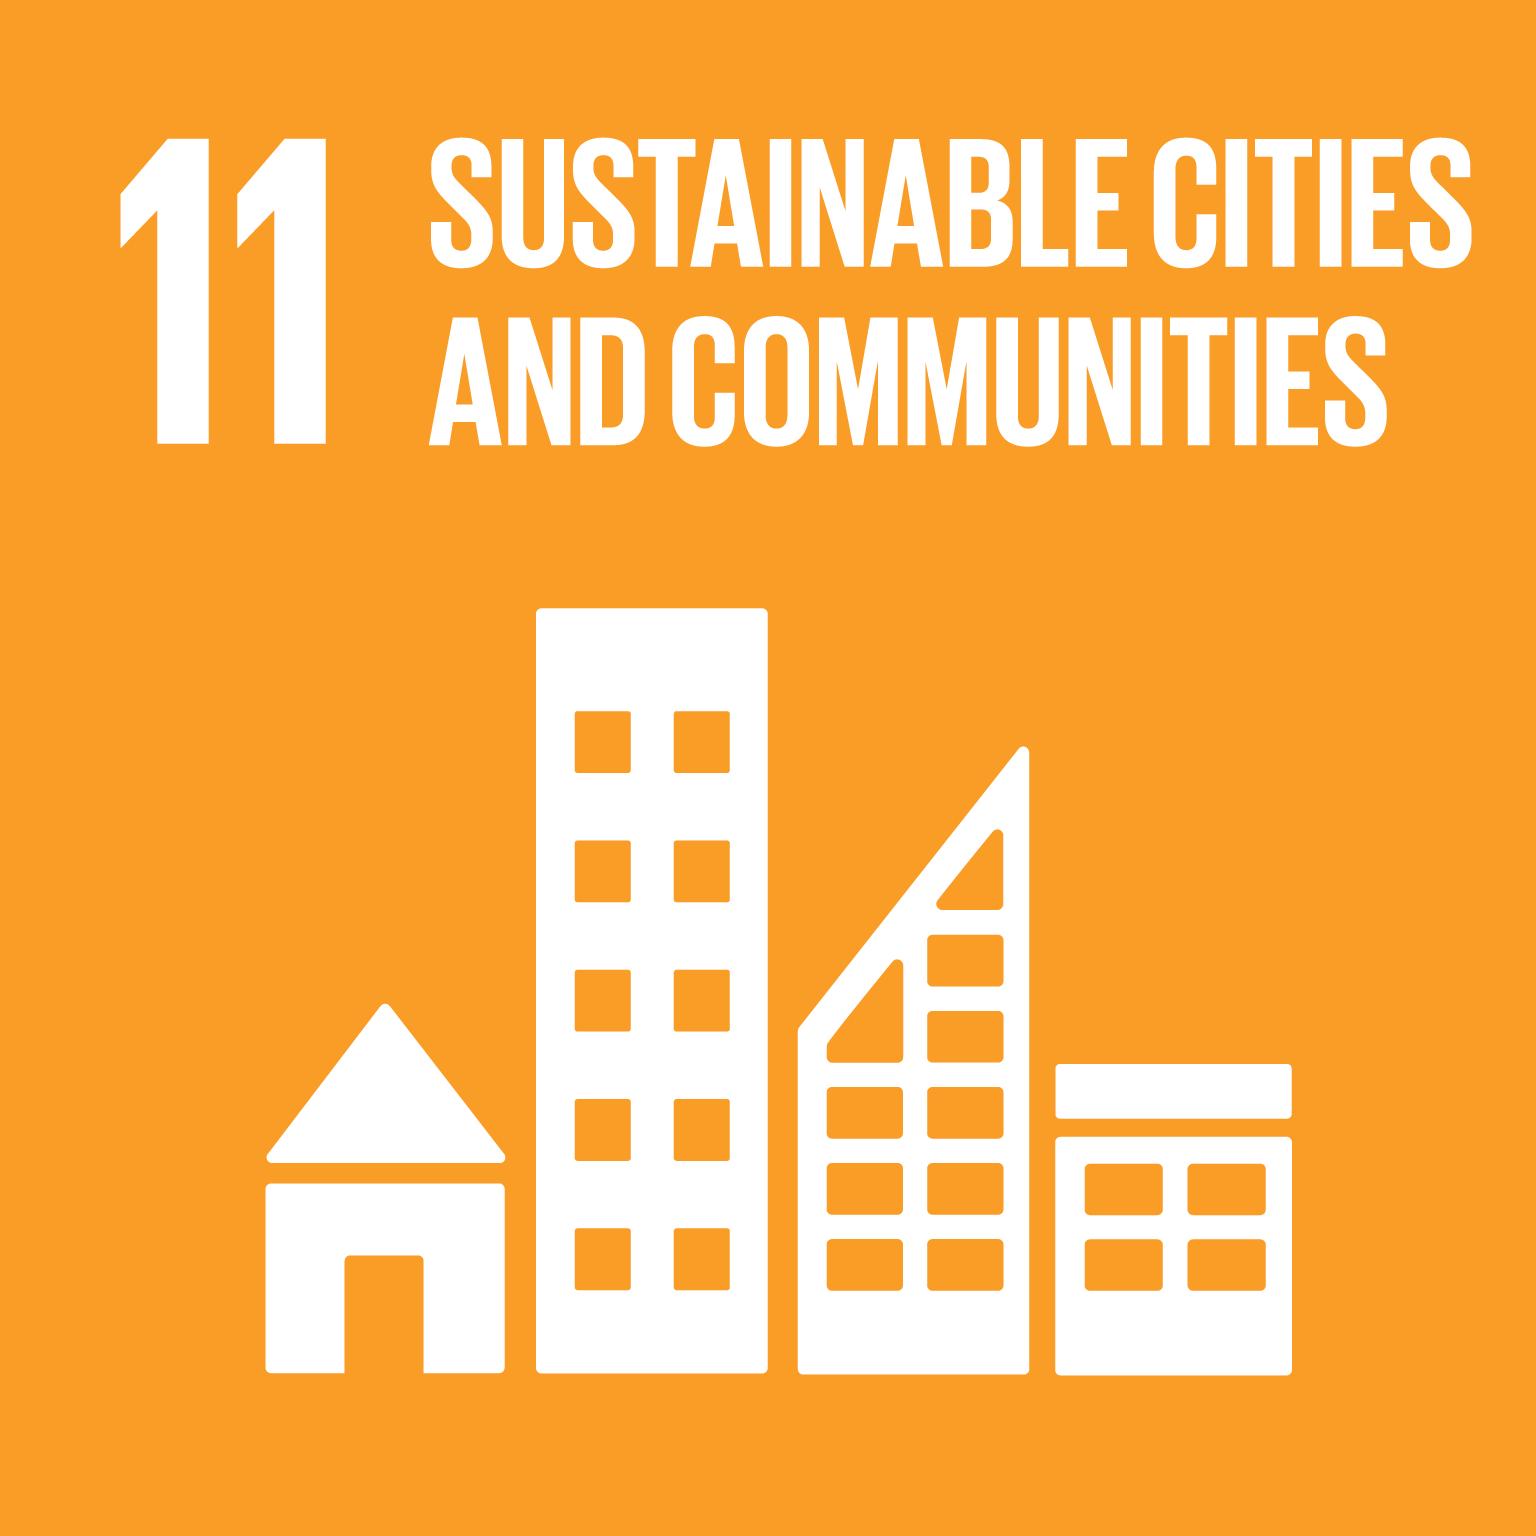 SDG11